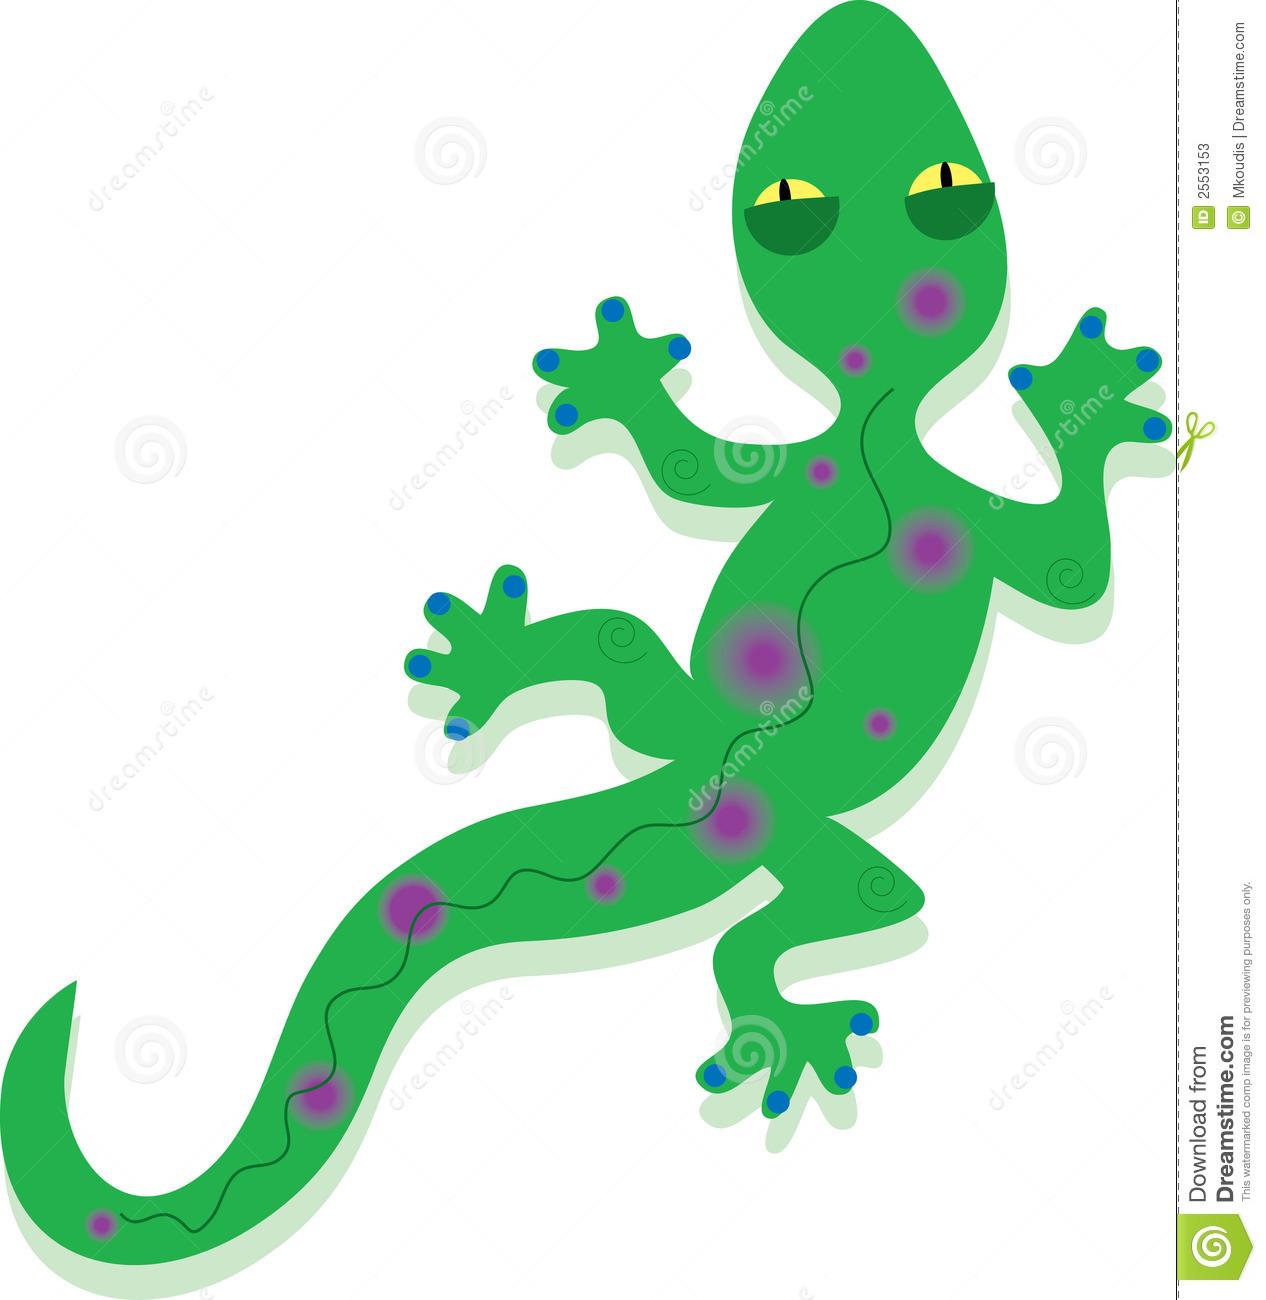 Gecko clipart. Lizard